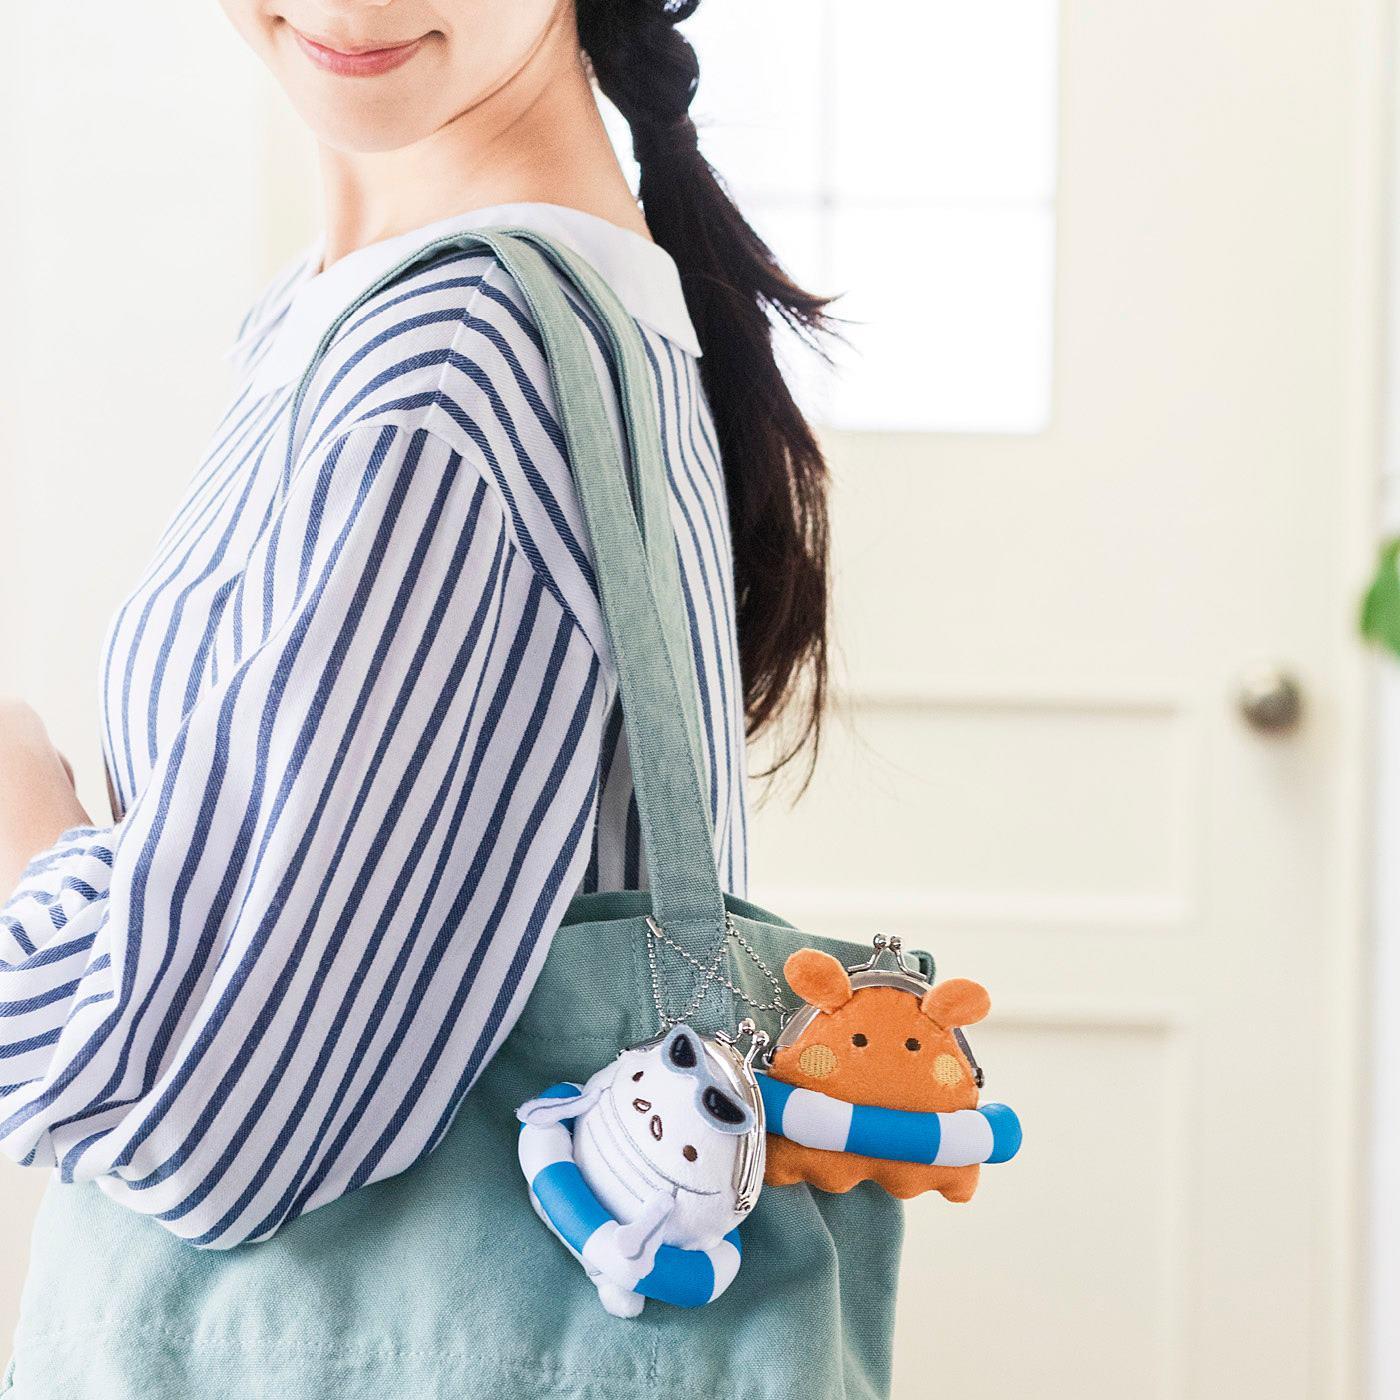 小さくたたんだレジ袋が2~3枚入ります。バッグに付けて持ち運んでね。(レジ袋が入る枚数は、袋の大きさや厚みにより異なります)